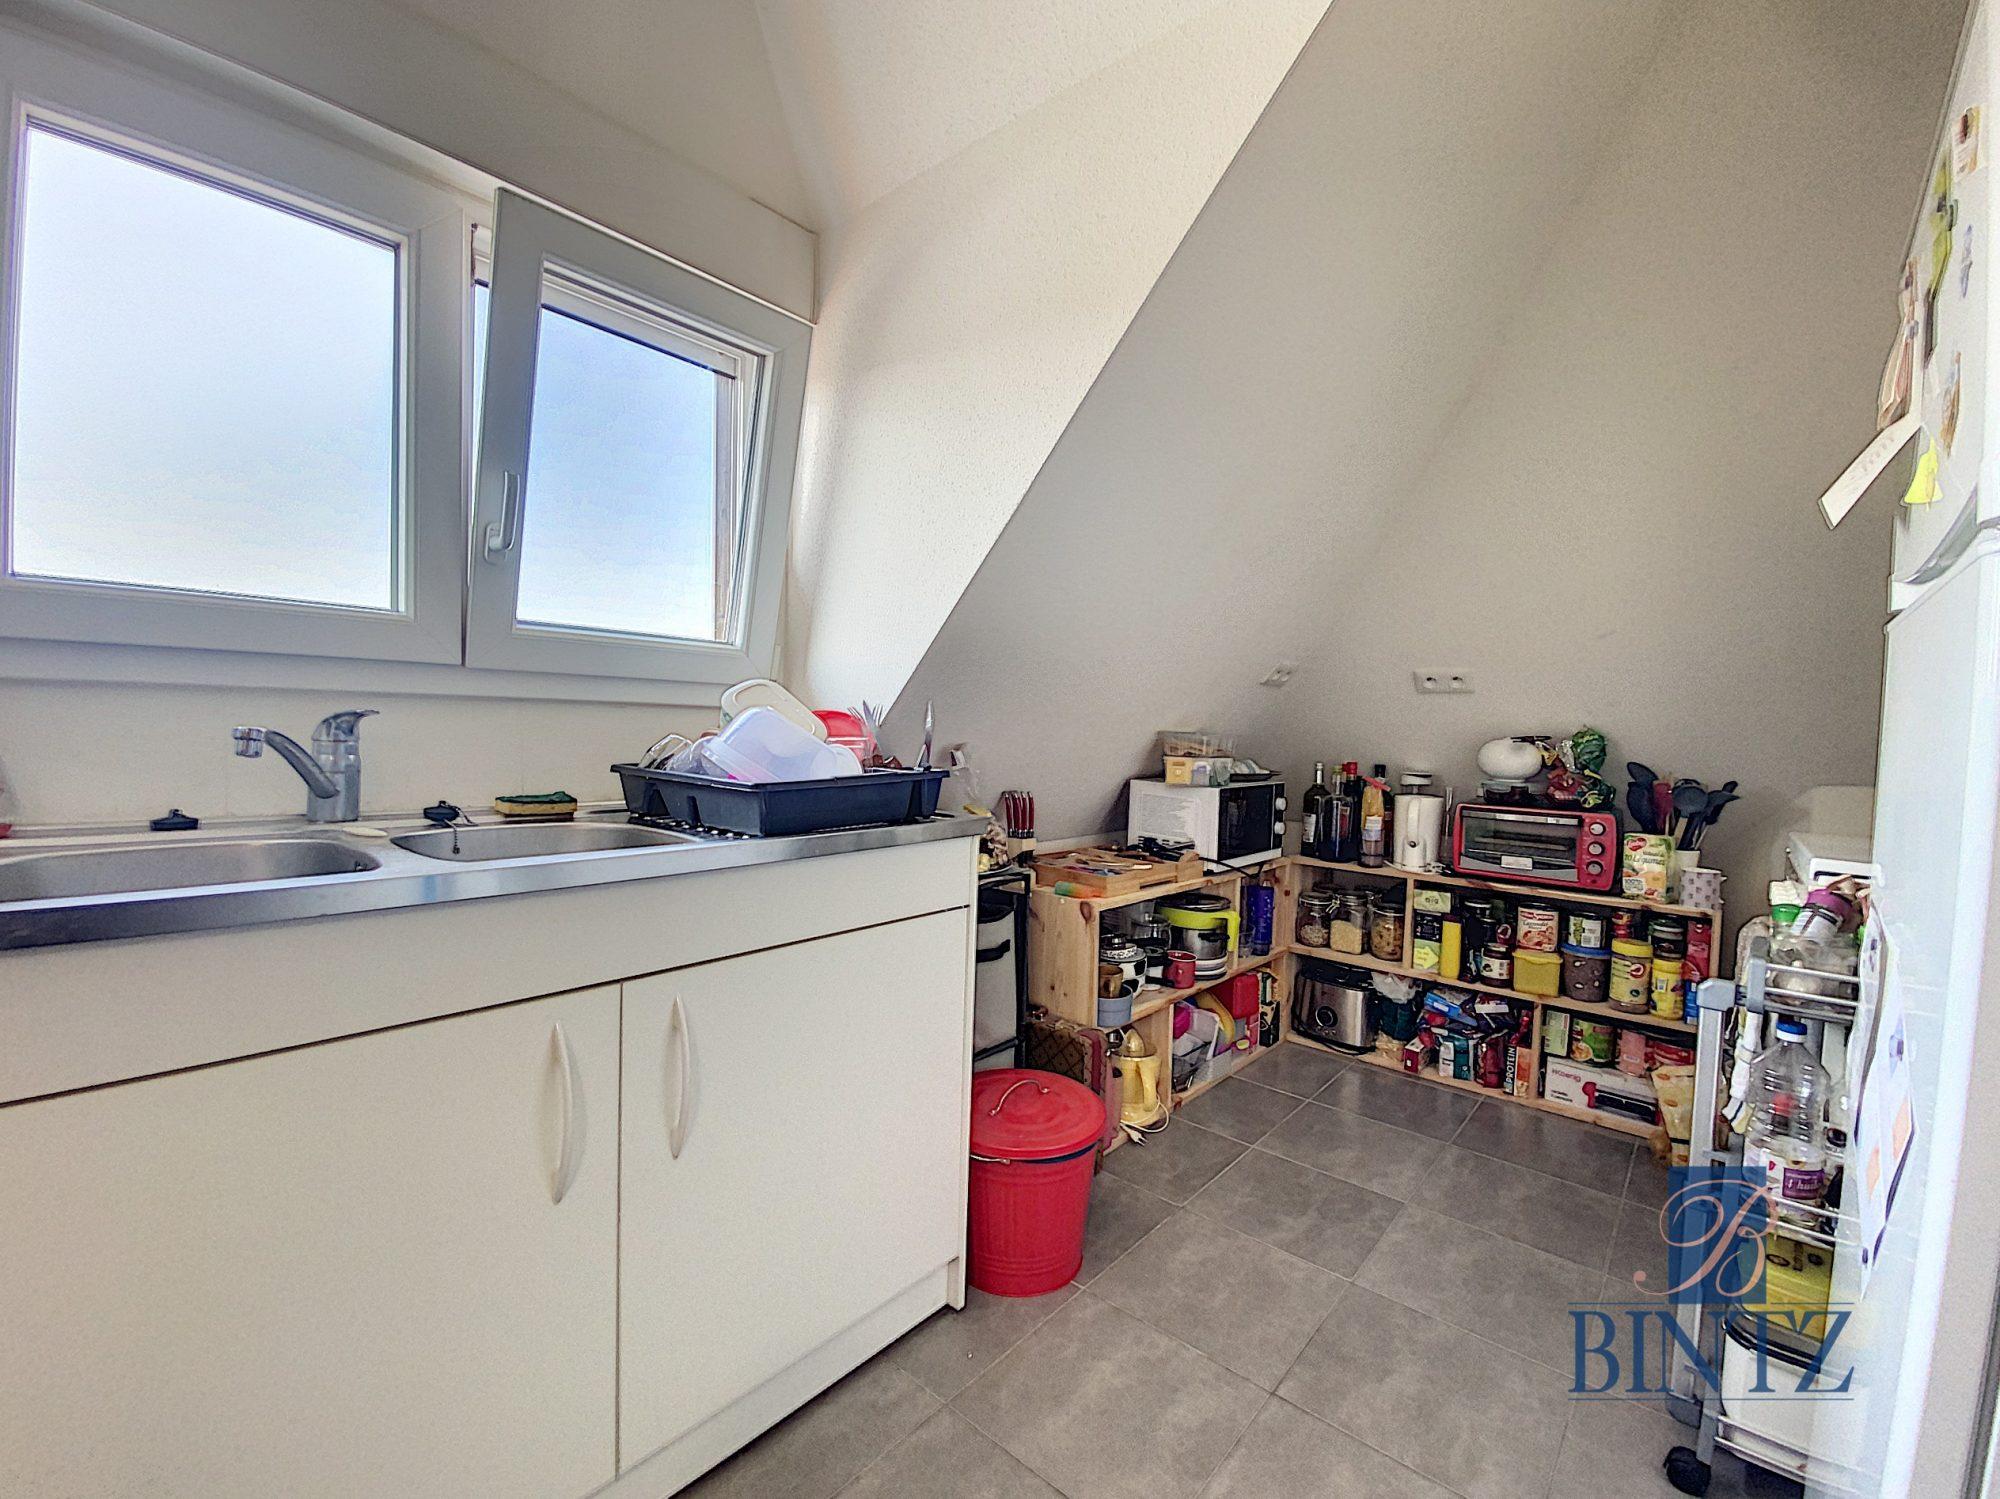 2 PIÈCES AVEC PARKING SCHILTIGHEIM - Devenez locataire en toute sérénité - Bintz Immobilier - 2